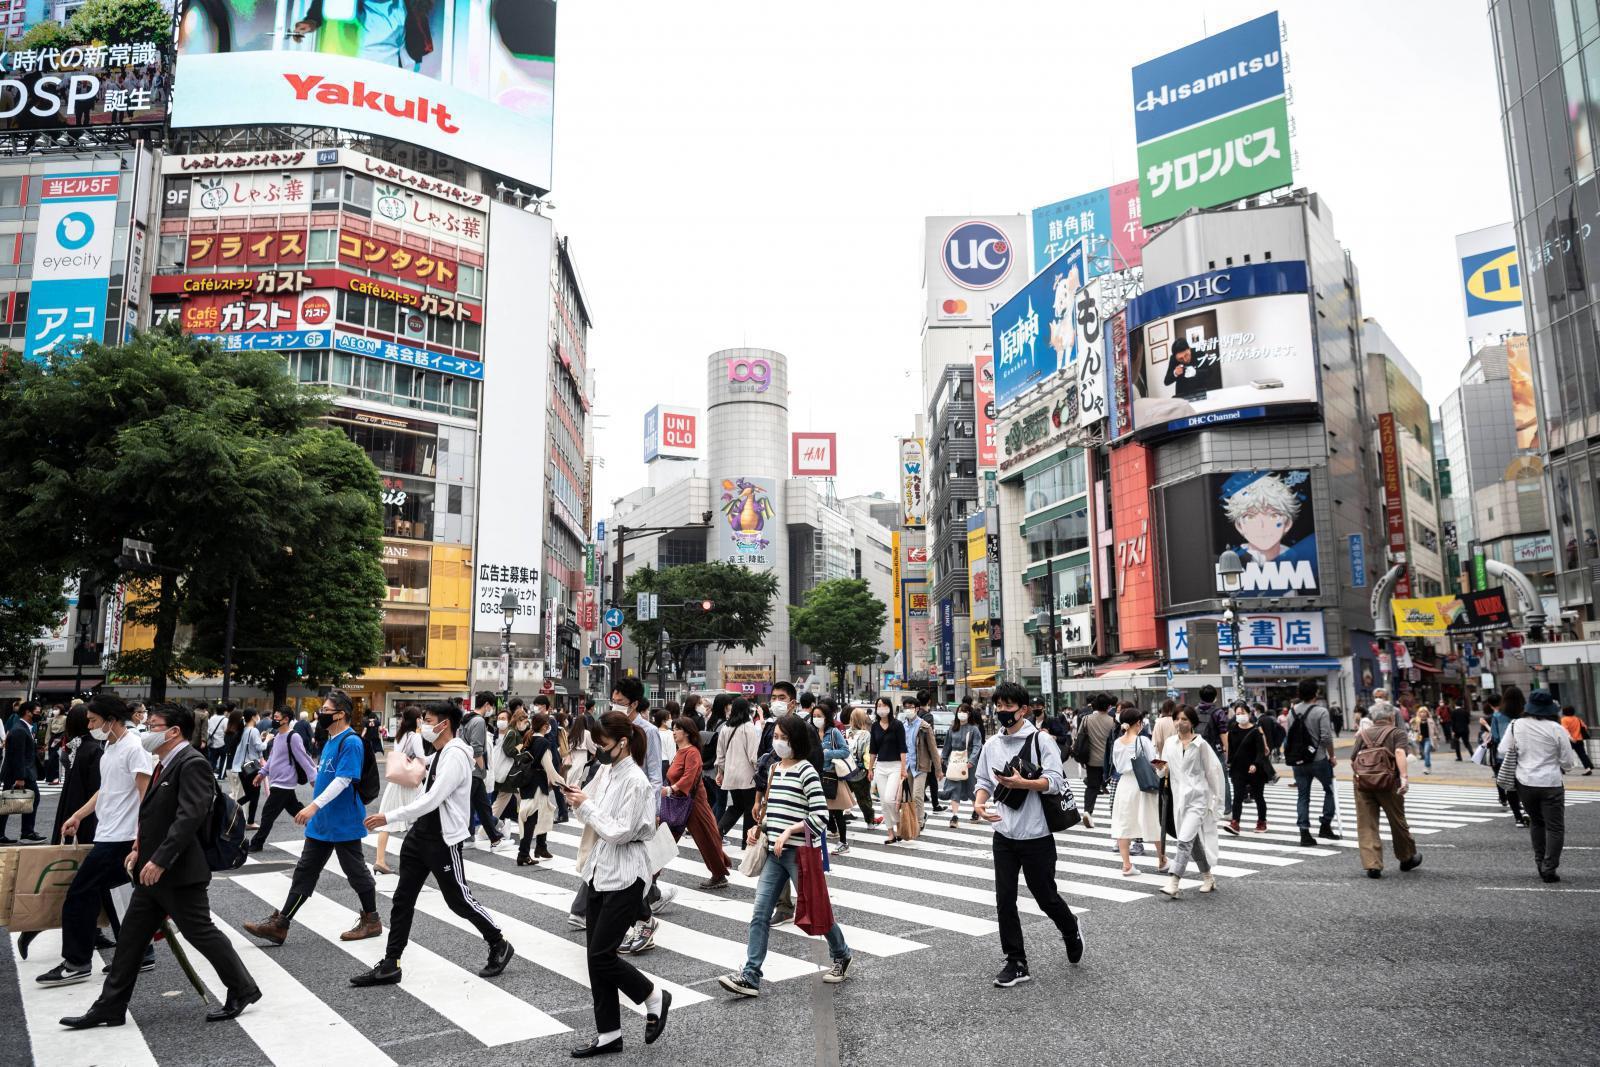 รัฐบาลญี่ปุ่นสั่งขยายพื้นที่ฉุกเฉินควบคุมโควิด